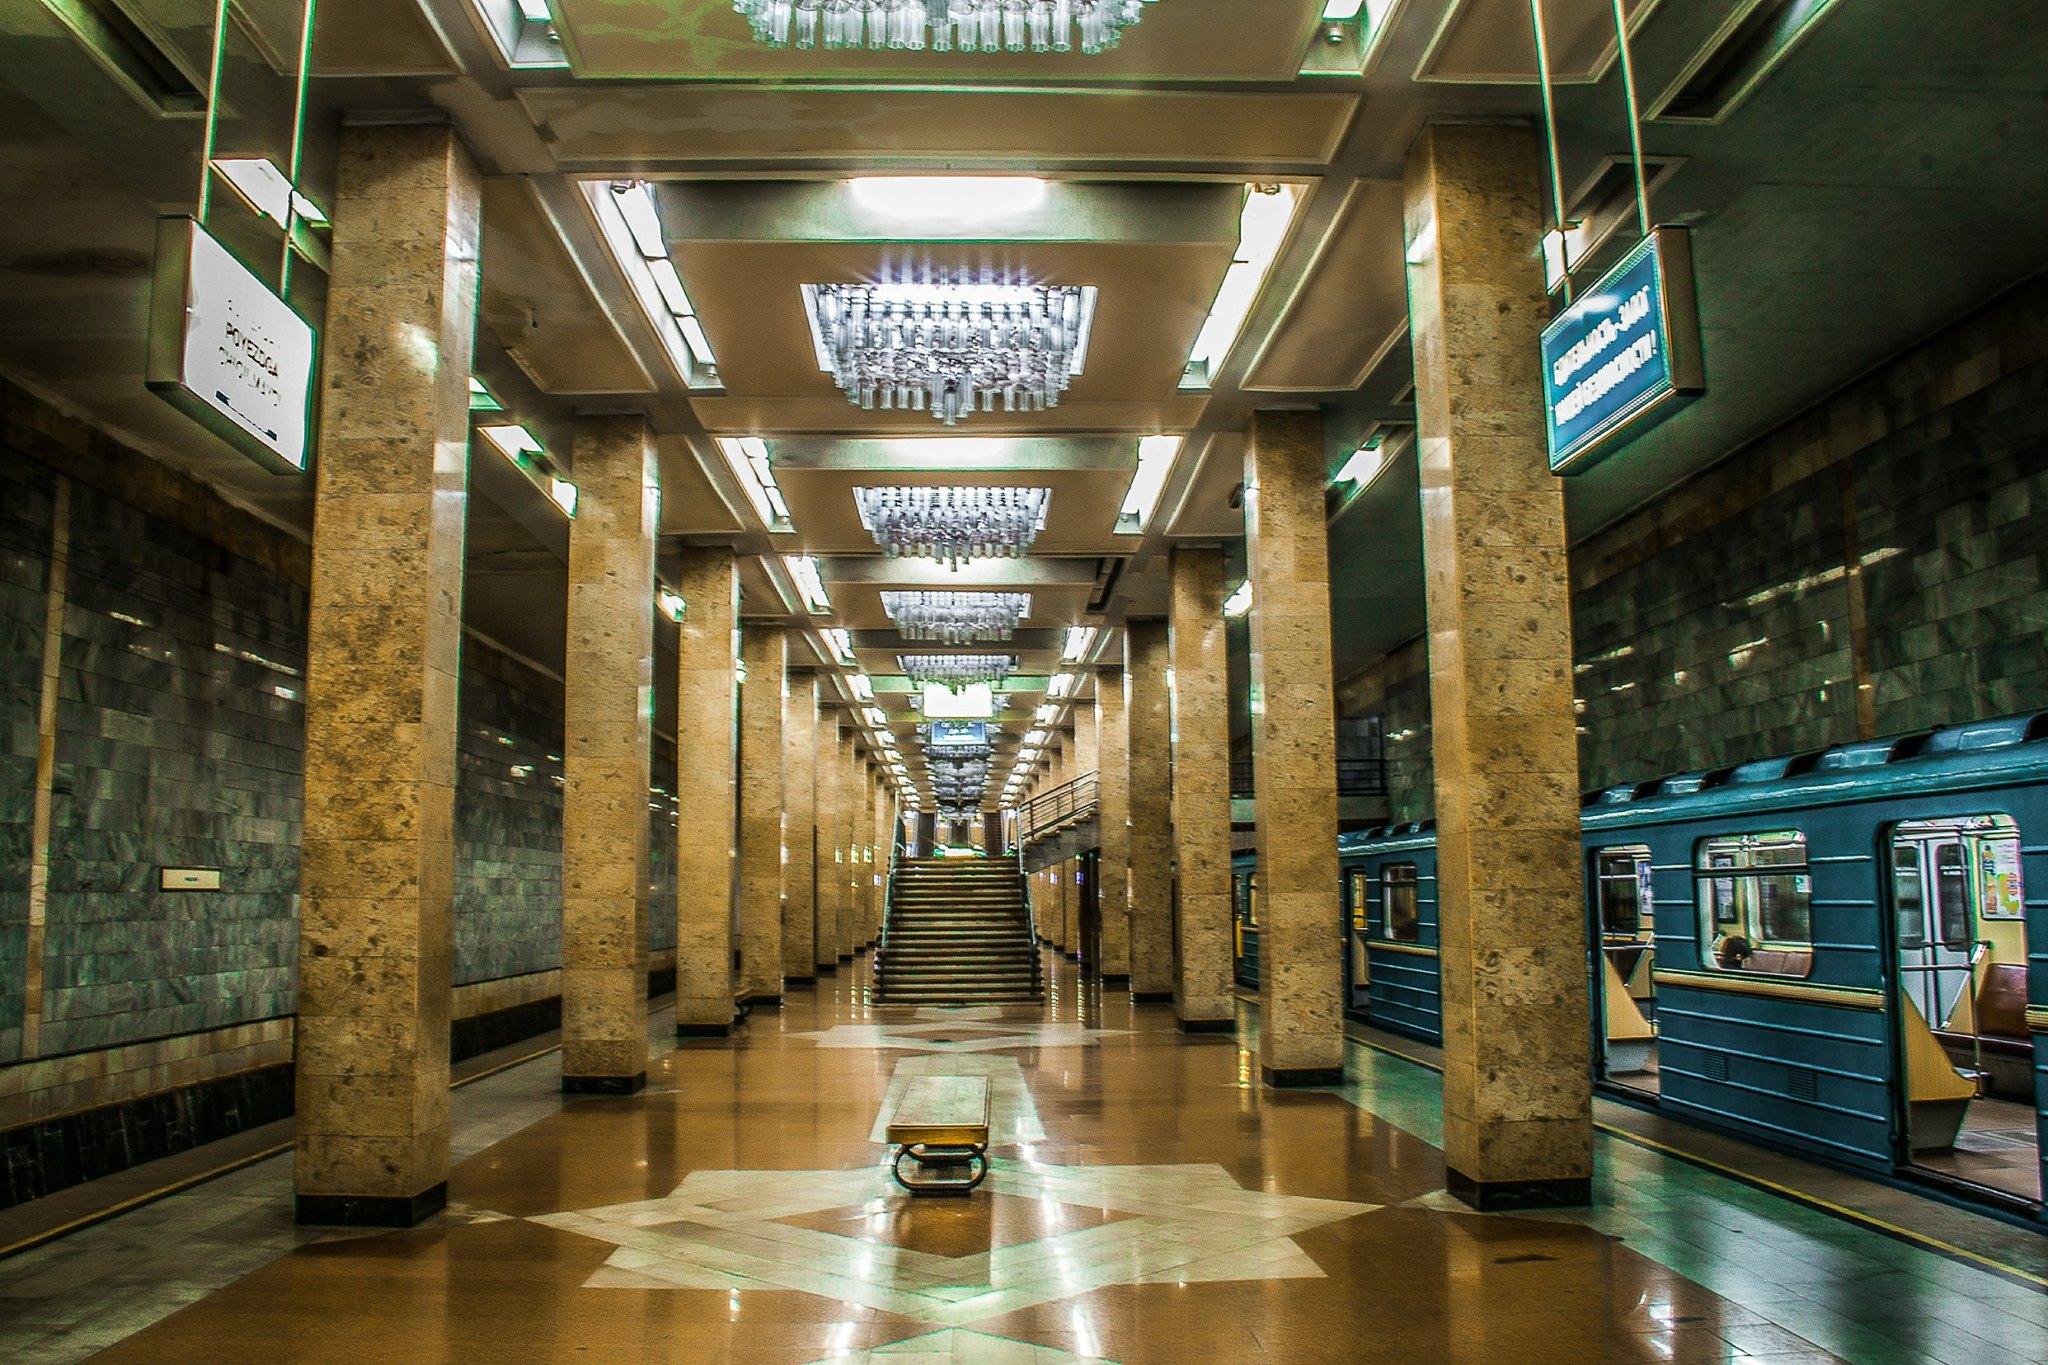 сковороду ташкентский метрополитен фото всего прочего, украсит